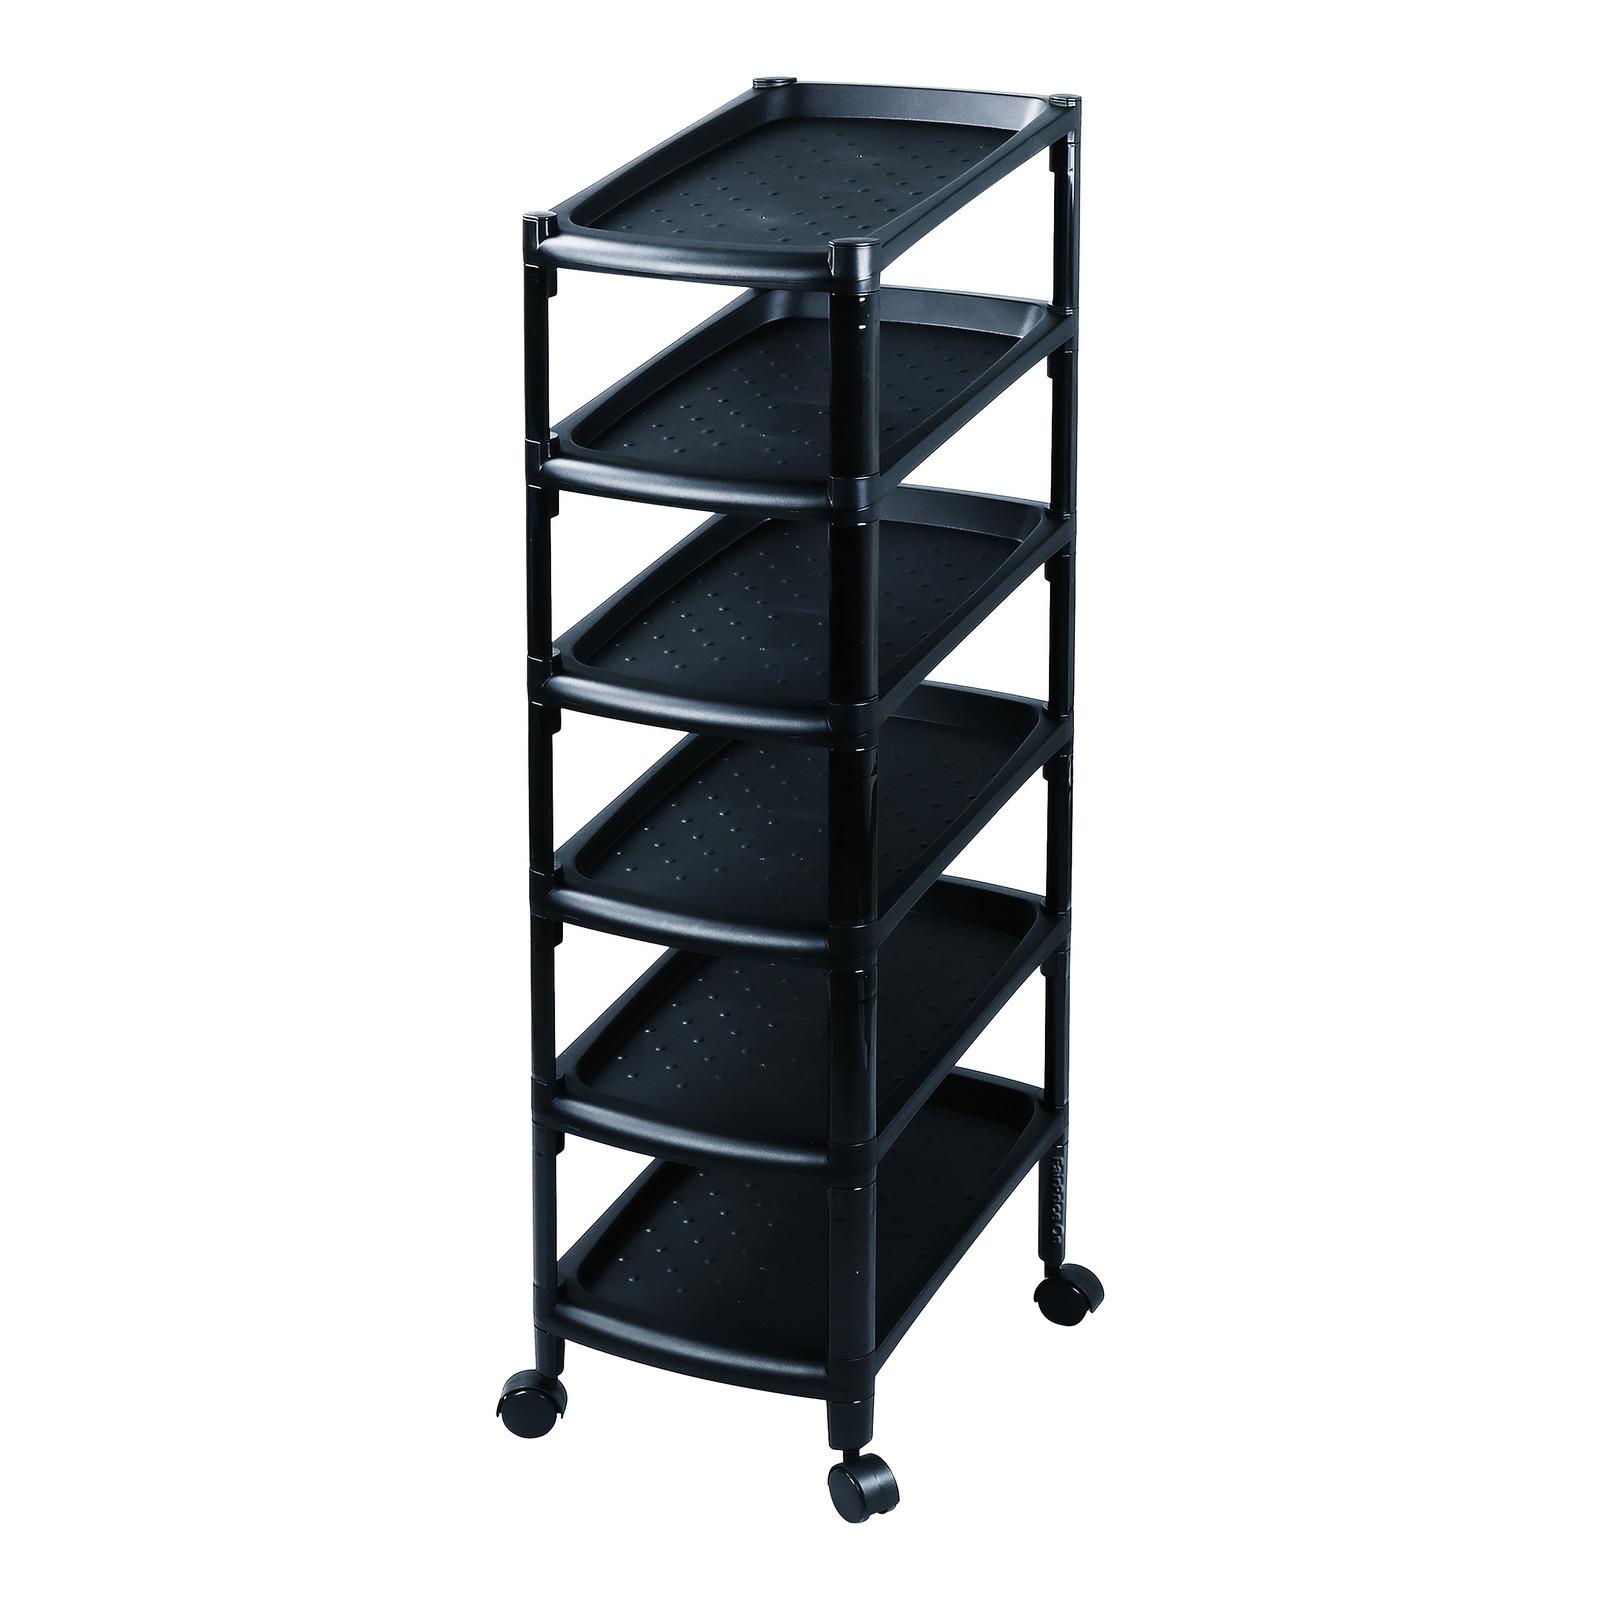 HomeProud 6 Tier Shoe Rack - Black